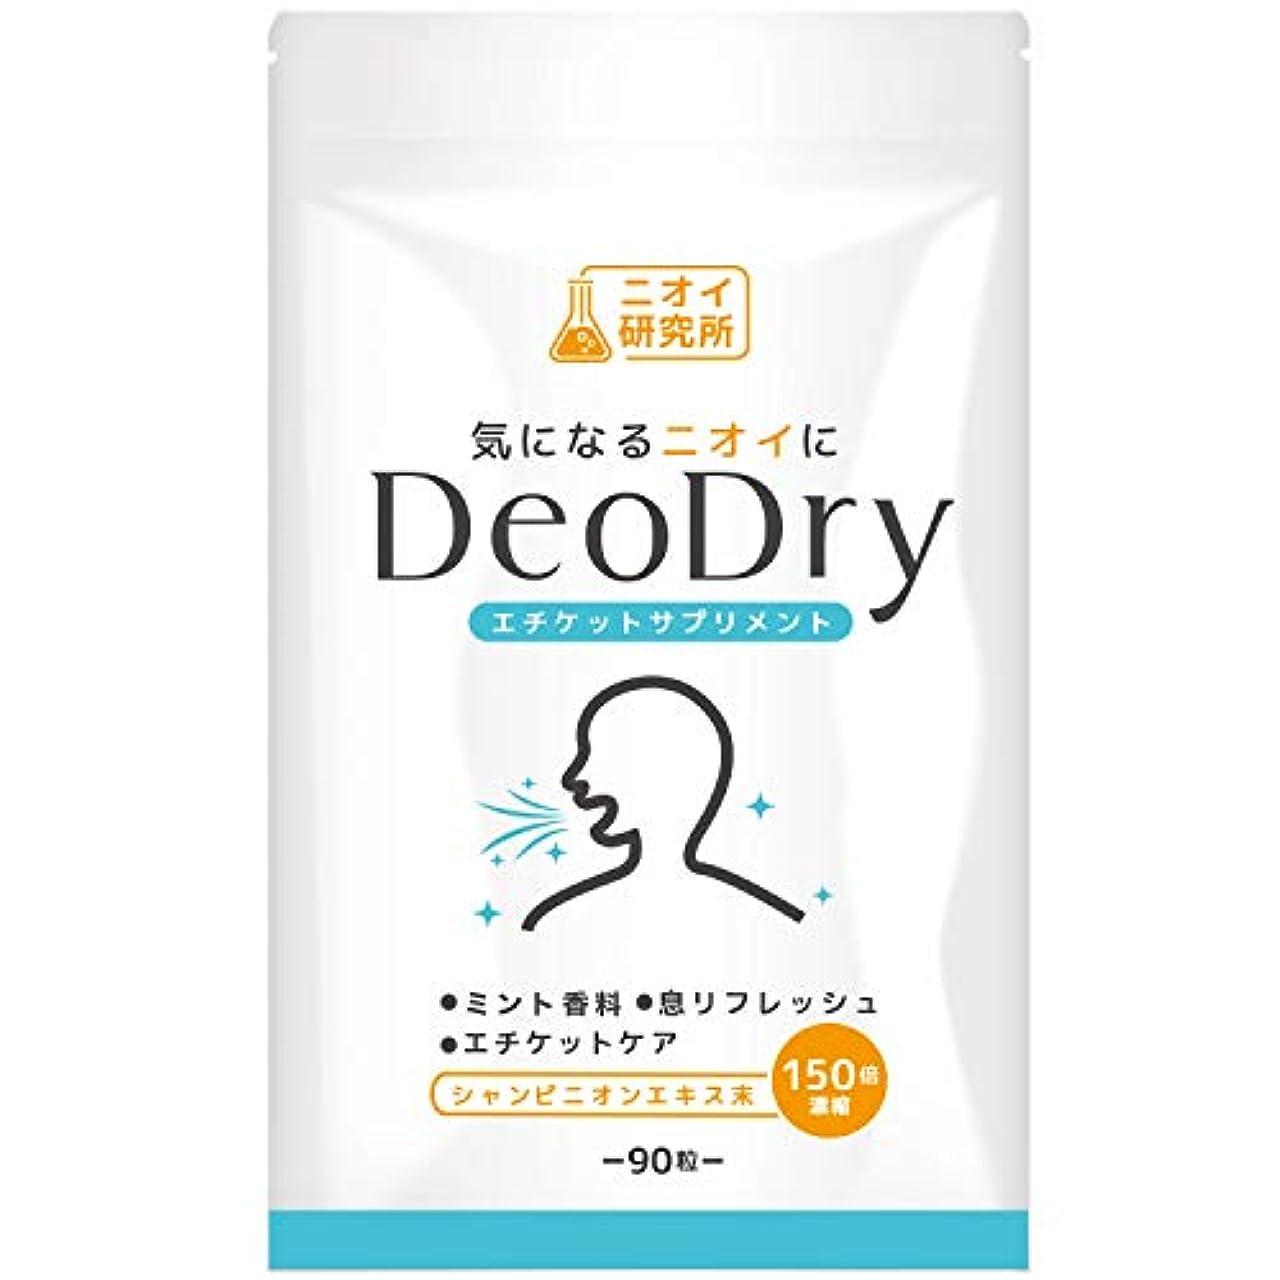 フェデレーション風変わりな中級ニオイ研究所 DeoDry シャンピニオン デオアタック 緑茶ポリフェノール 90粒 30日分